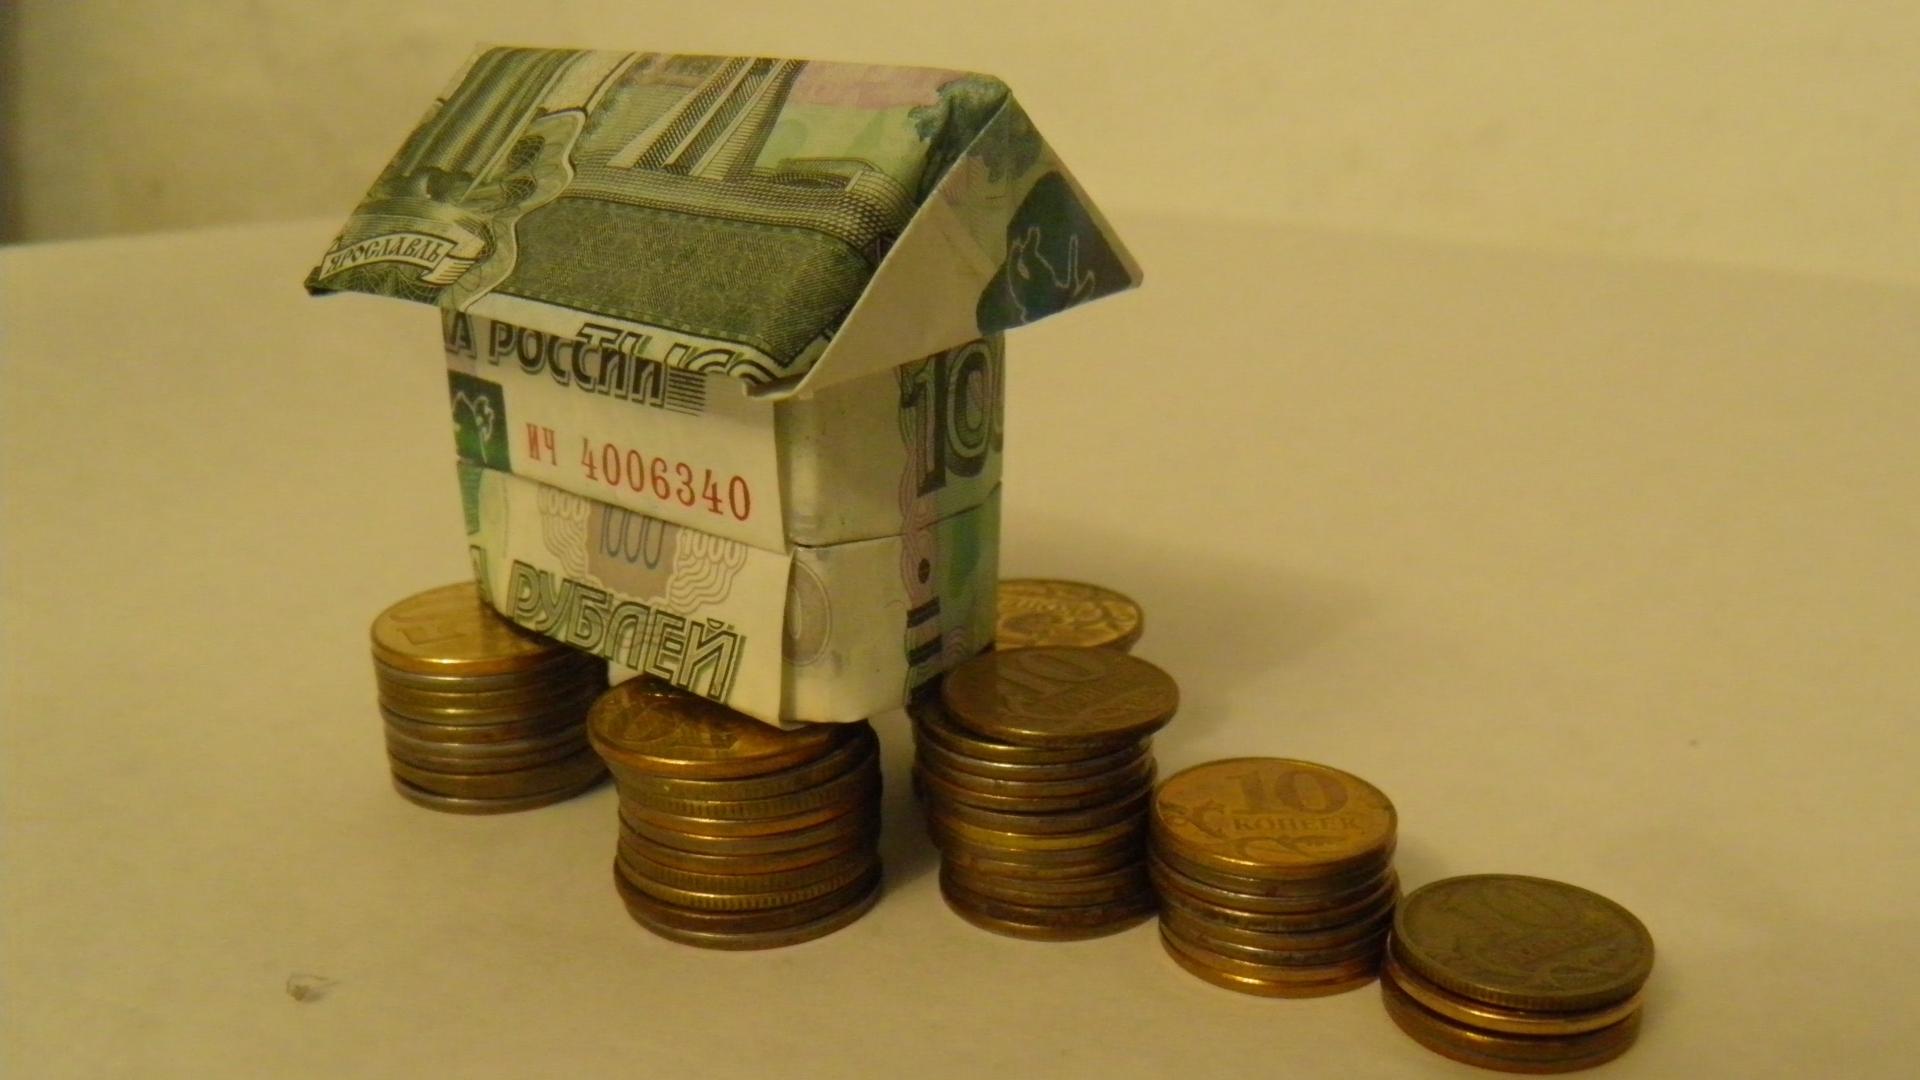 Ипотека в РФ дешевеет, но жильё не становится более доступным – мнение